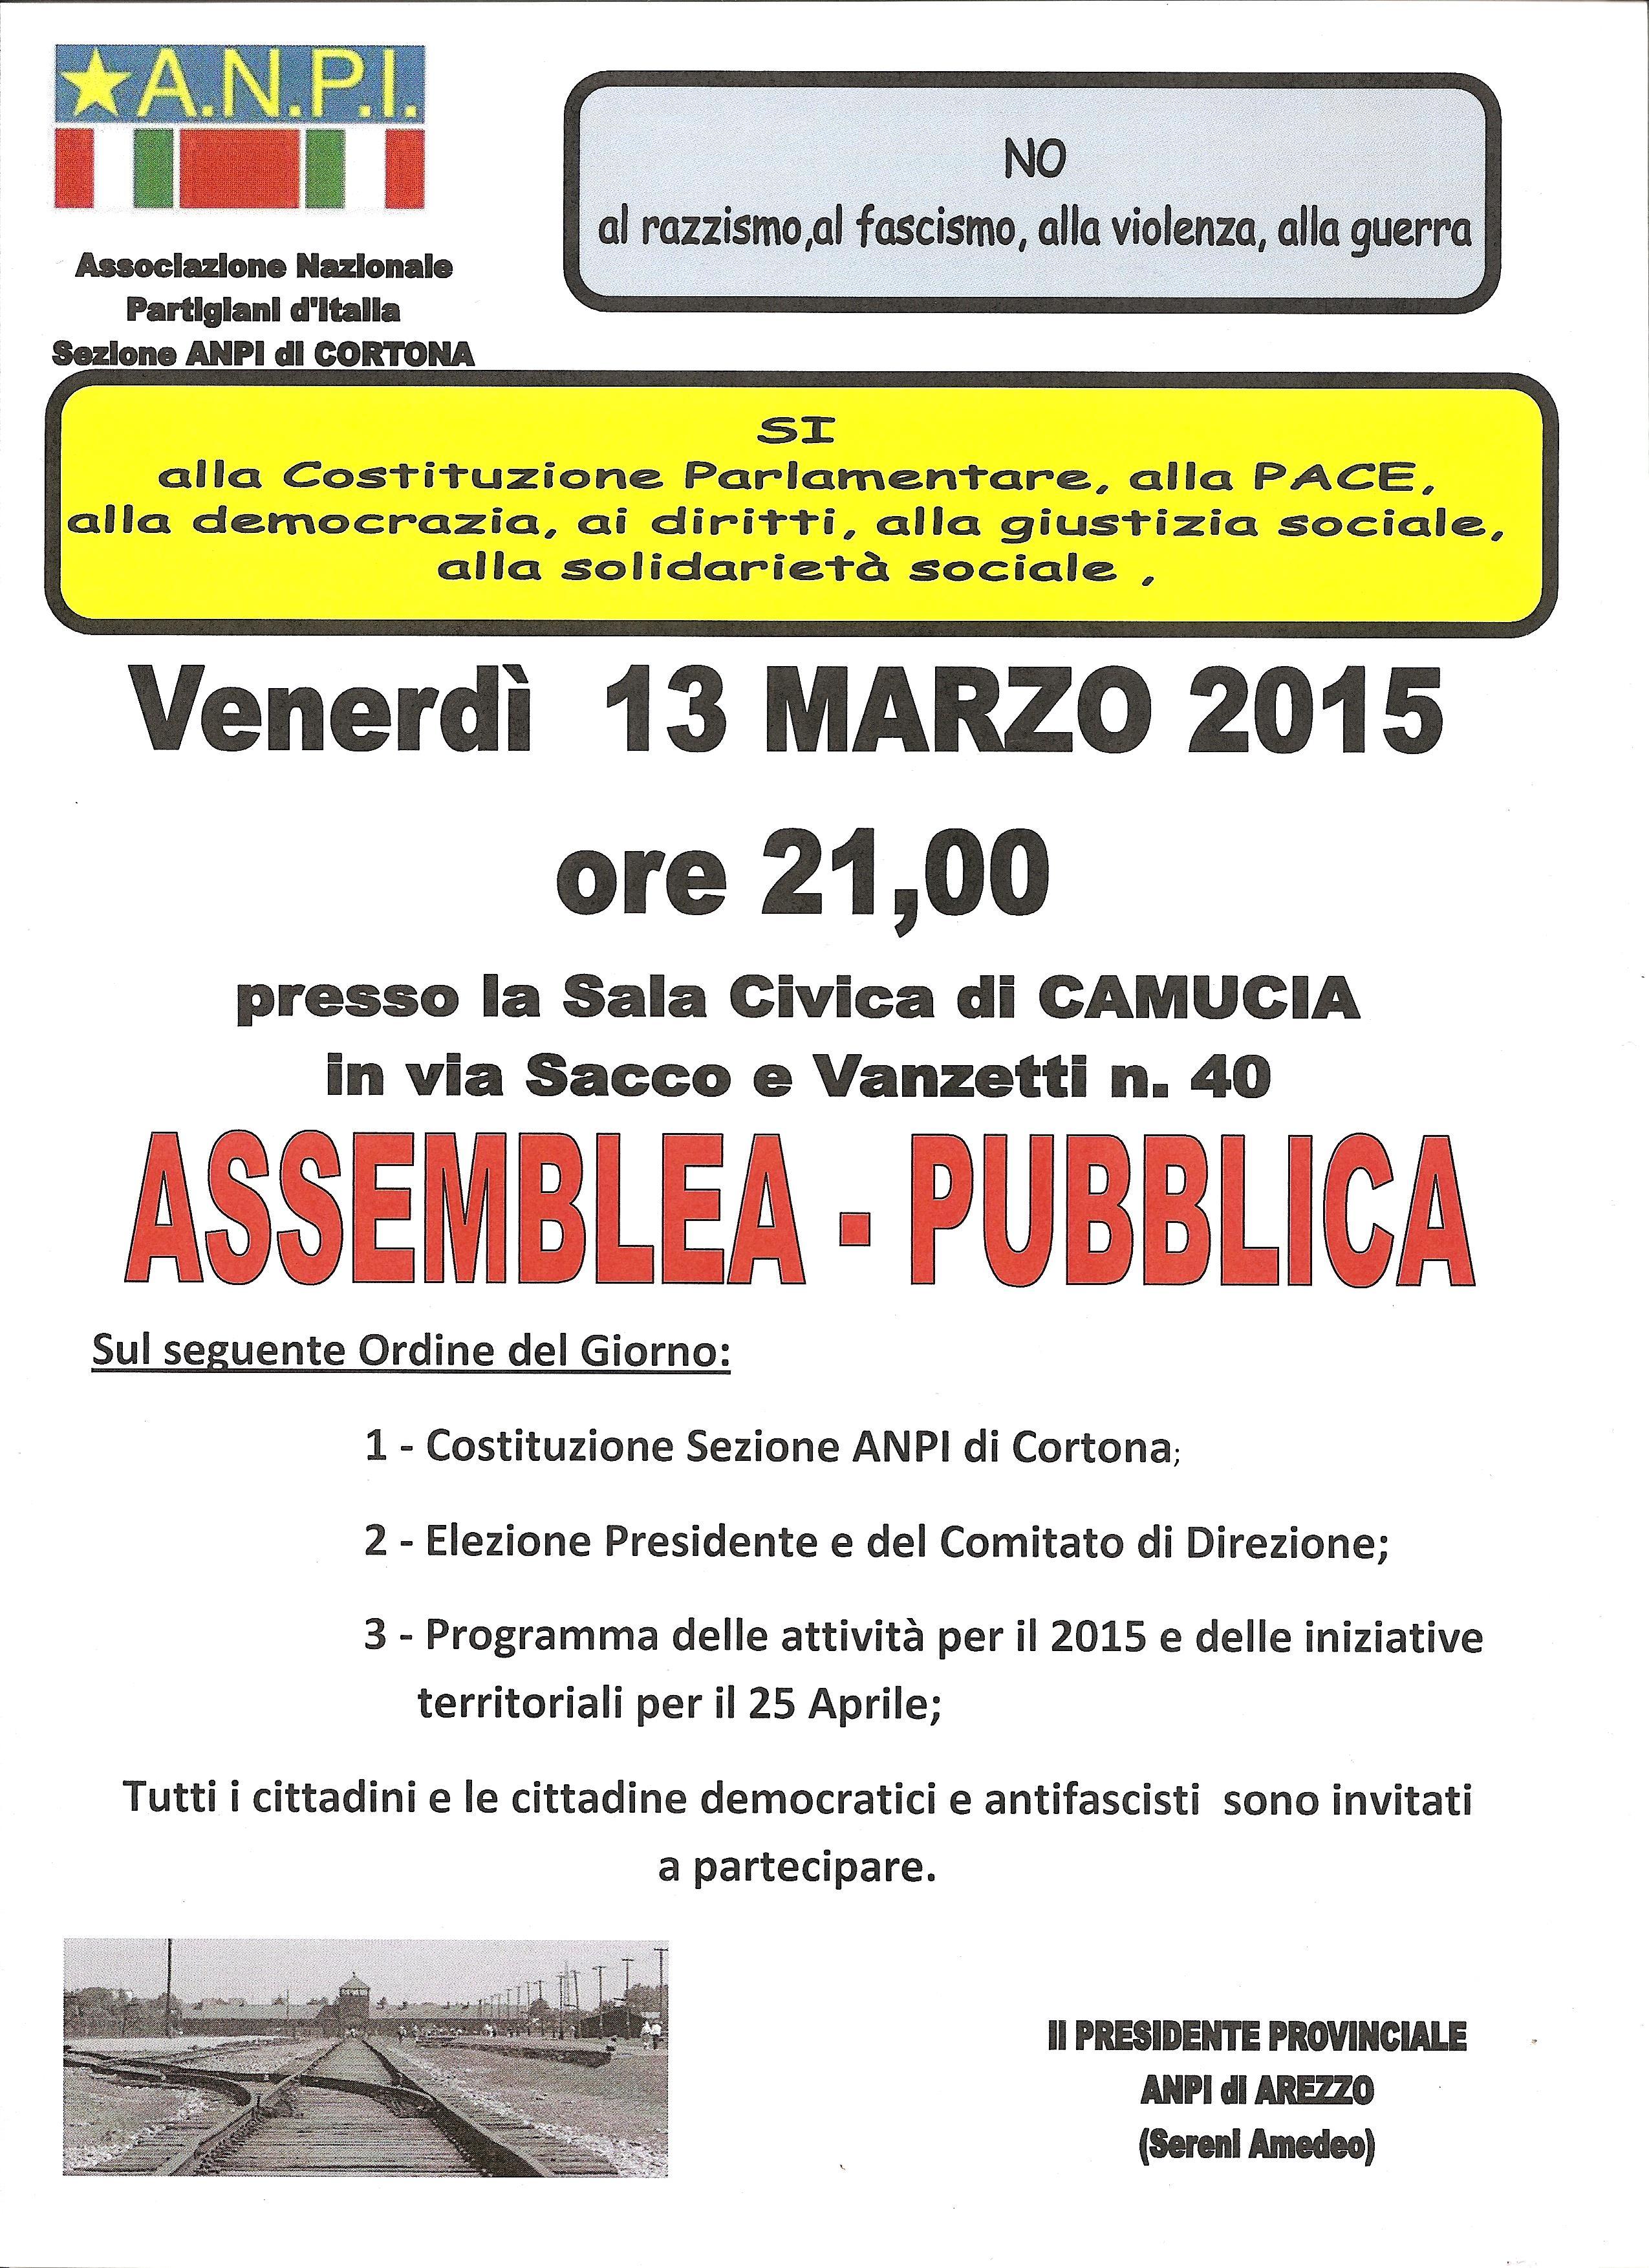 Nasce la sezione ANPI a Cortona, venerdì 13 Marzo l'assemblea fondativa